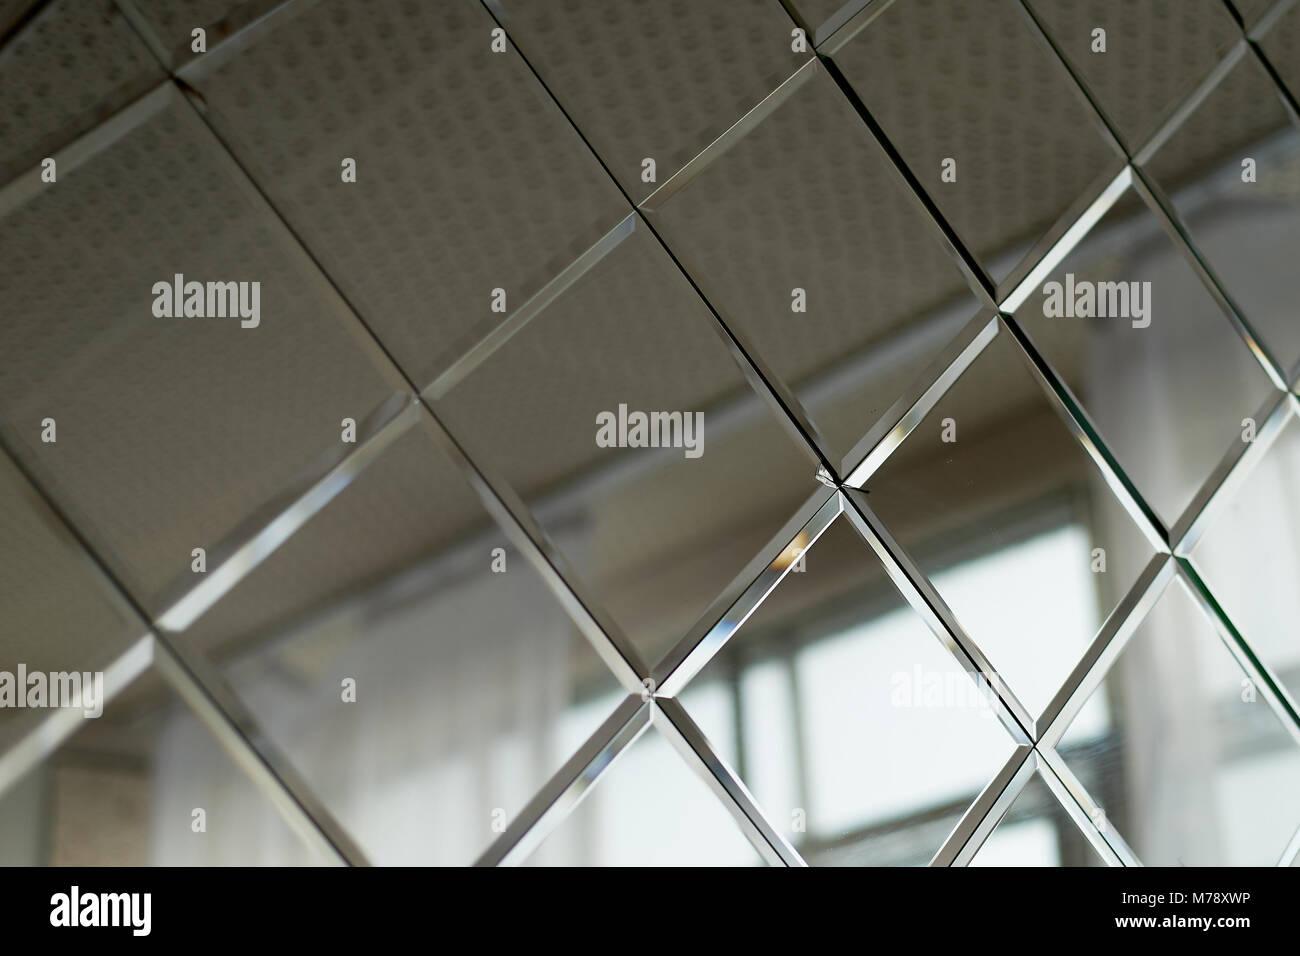 Grande specchio piastrelle utilizzato per decorazioni a parete in